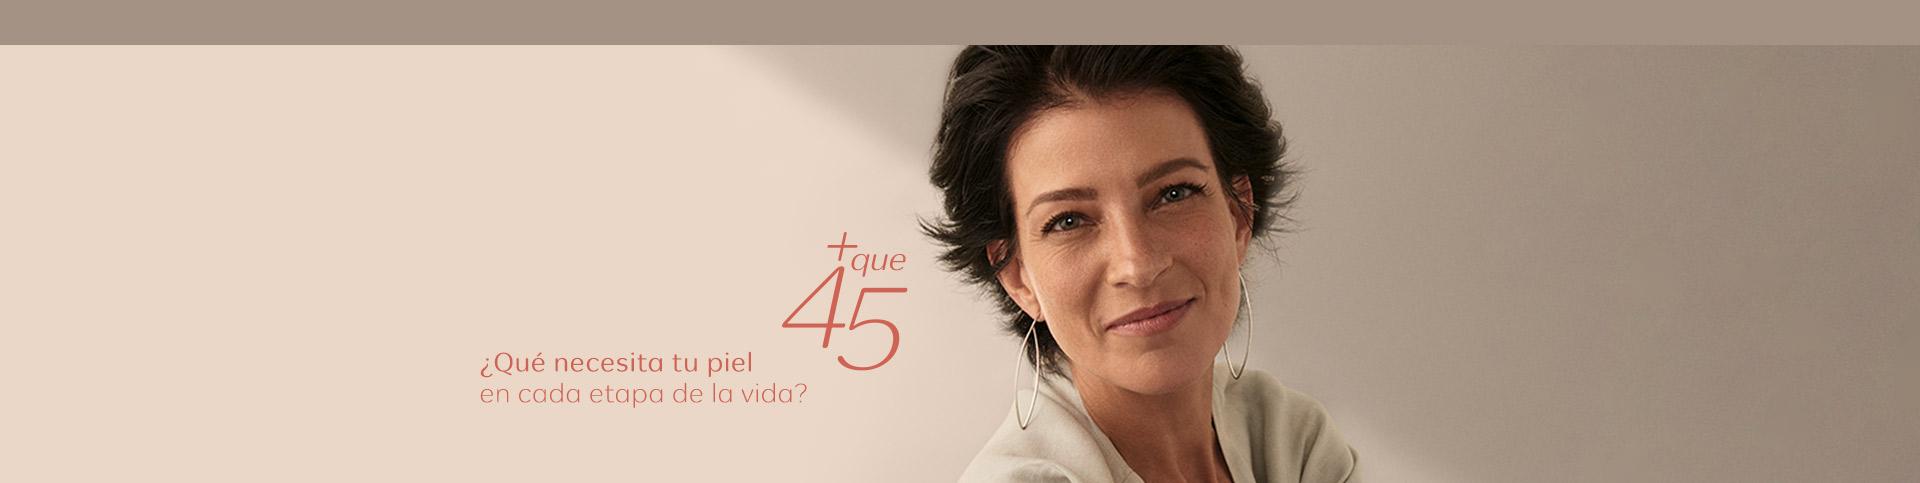 Mujer más de 45 años